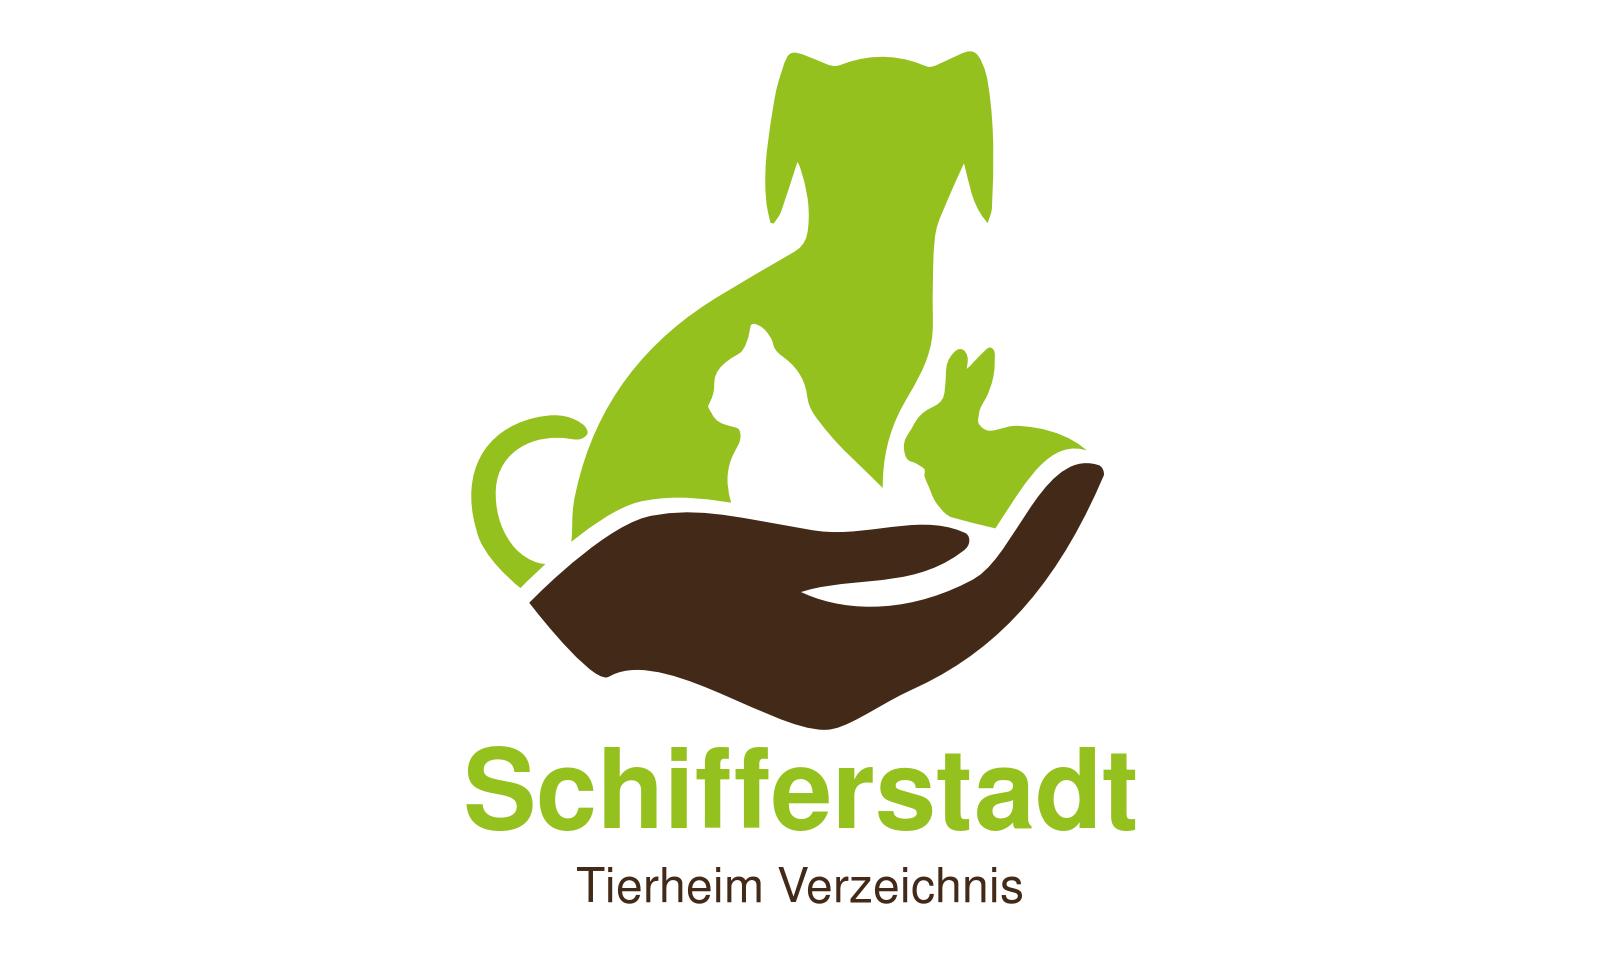 Tierheim Schifferstadt